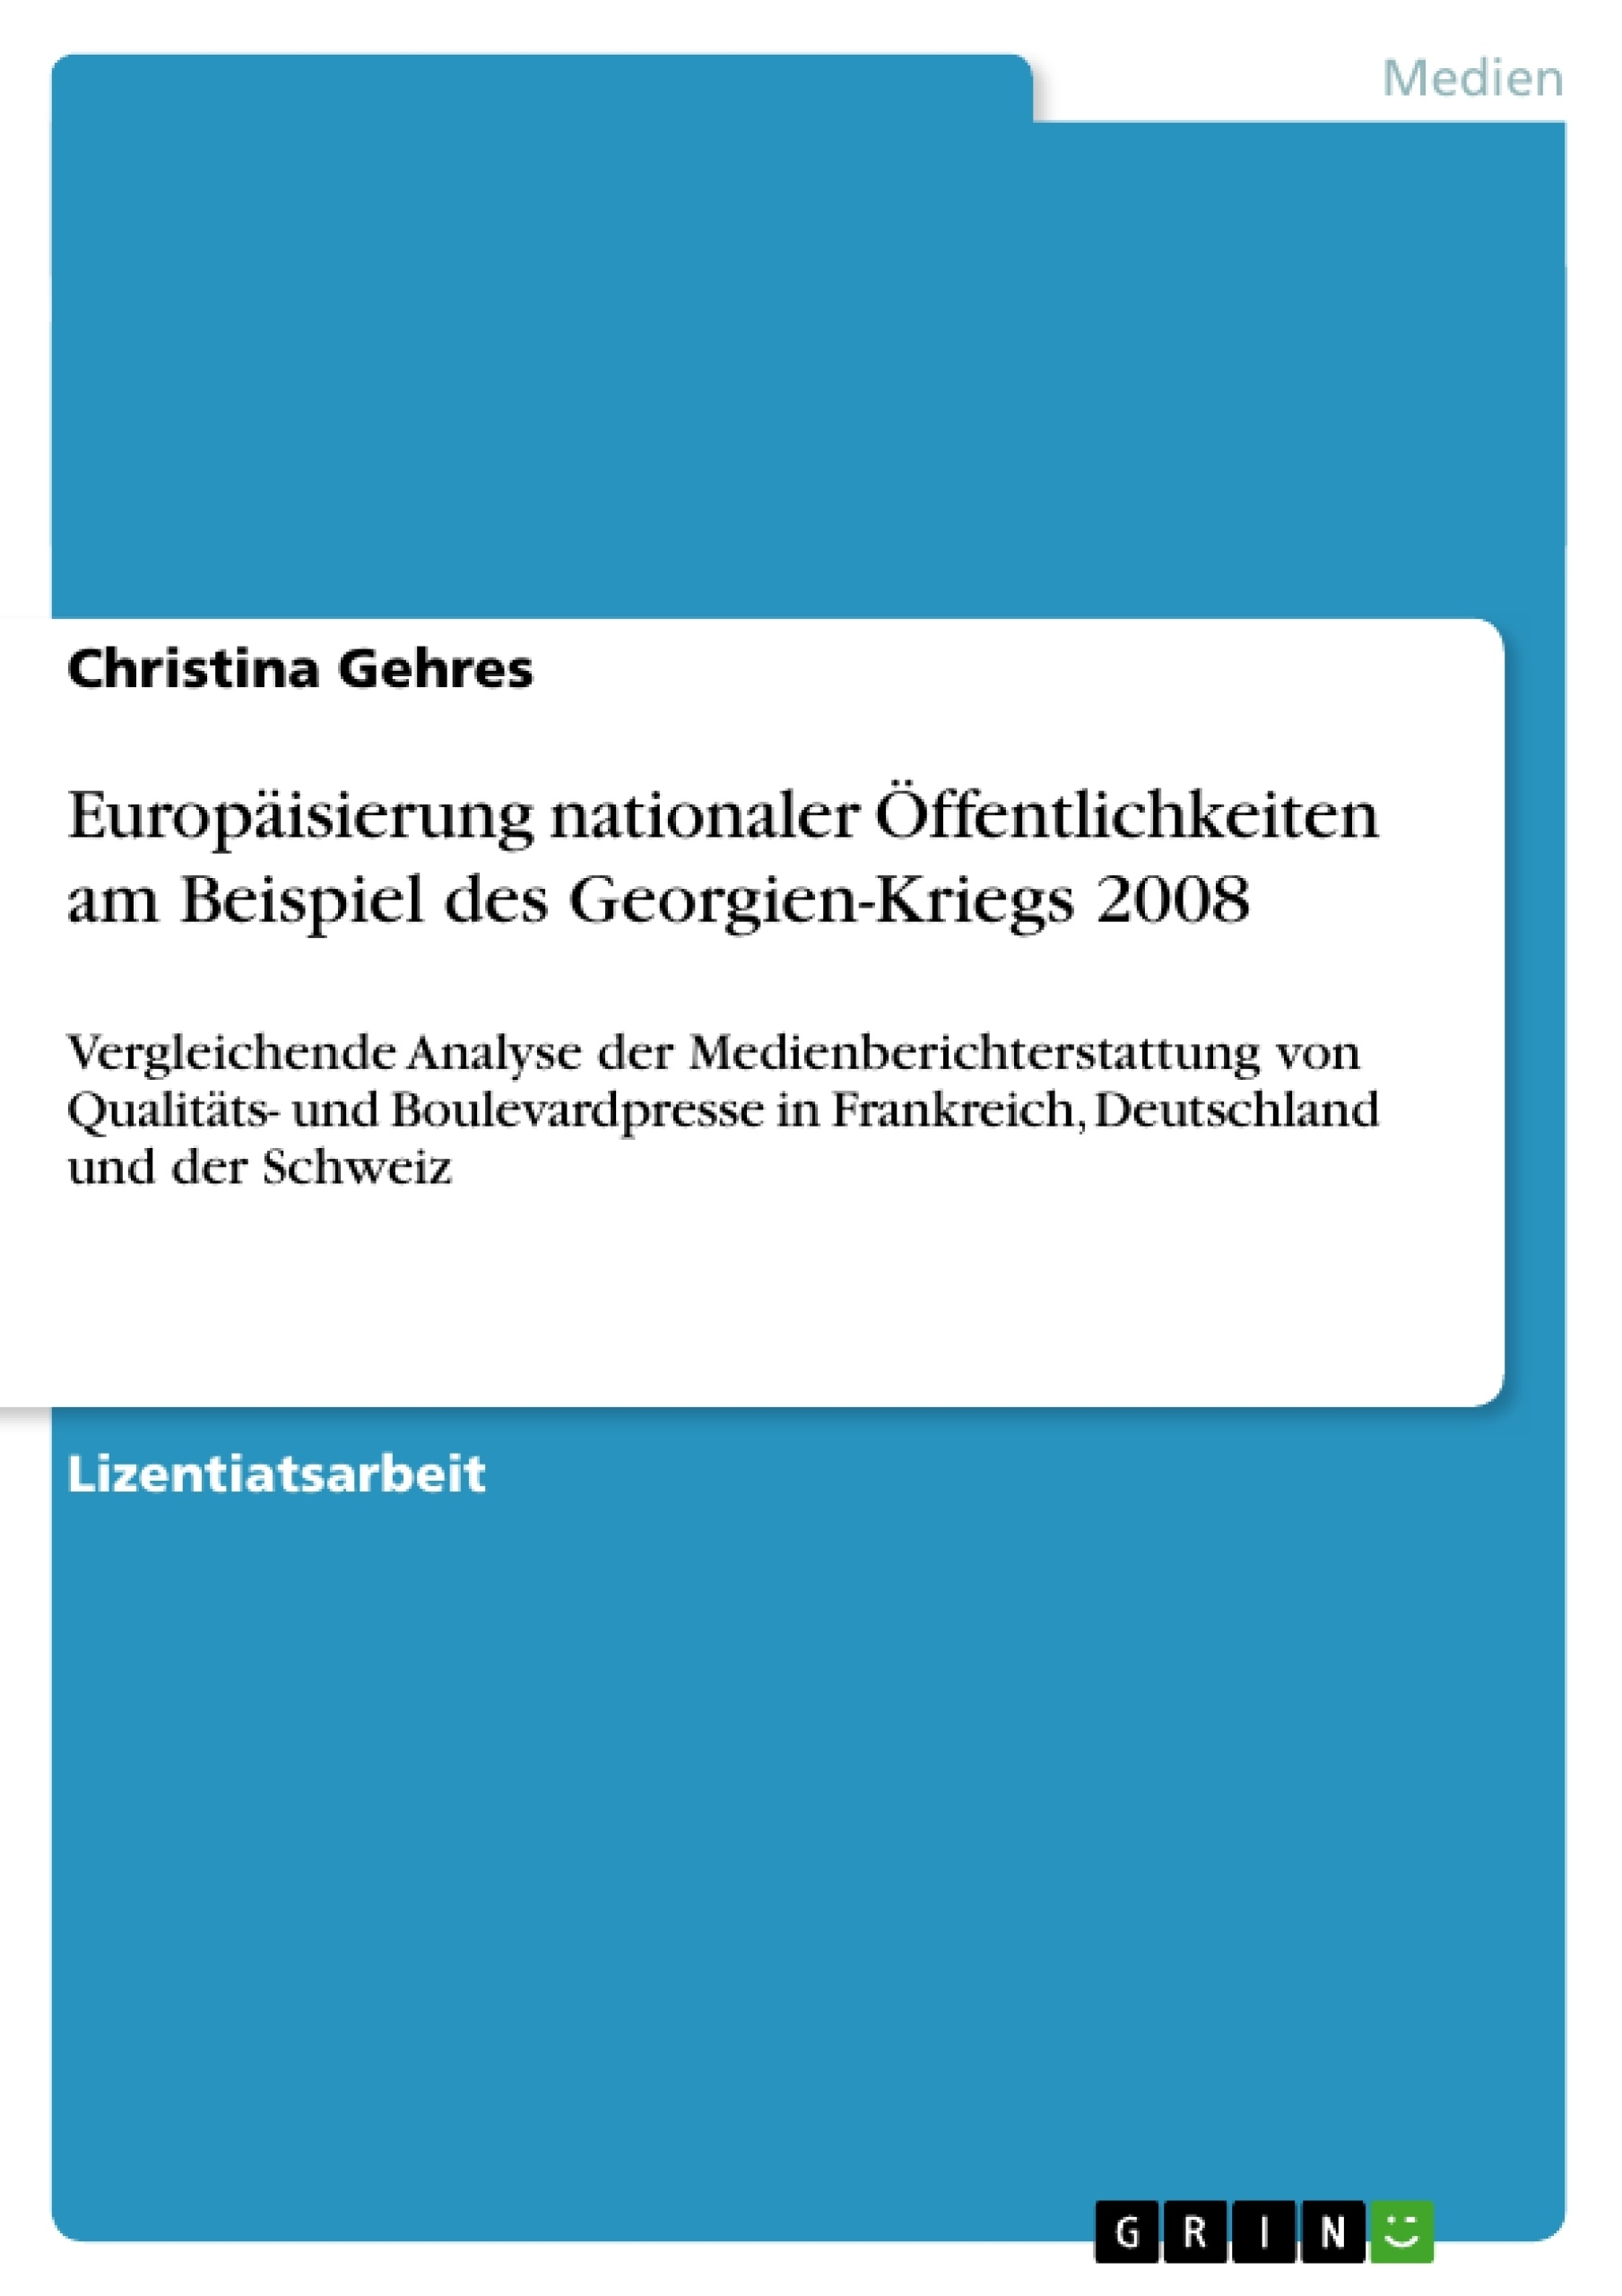 Titel: Europäisierung nationaler Öffentlichkeiten am Beispiel des Georgien-Kriegs 2008